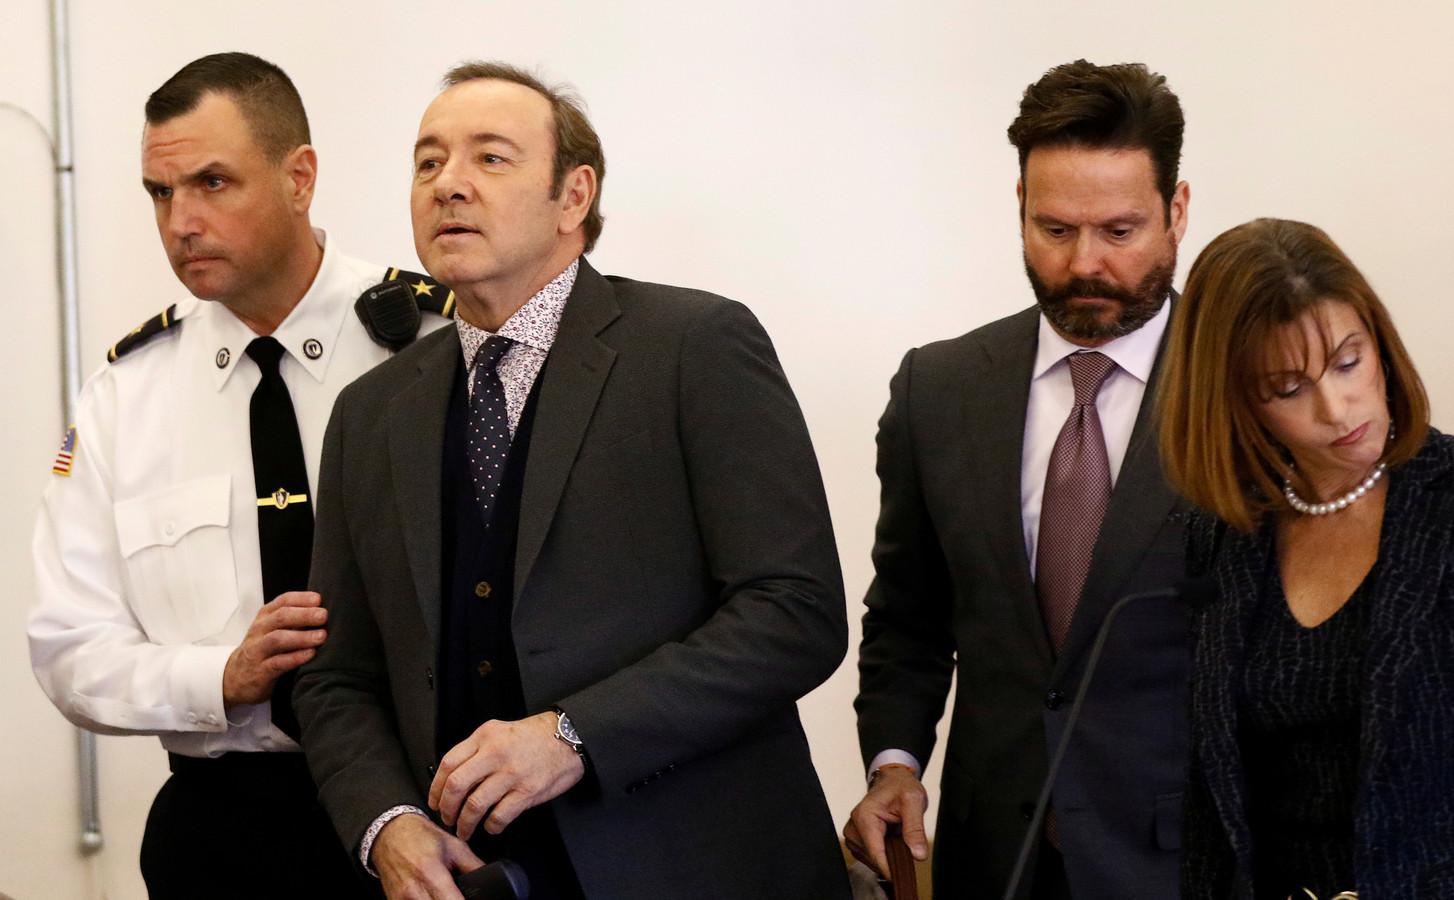 Kevin Spacey a fait l'objet de plusieurs affaires d'inconduite sexuelle qui ont toutes été classées sans suite, tant au civil qu'au pénal.